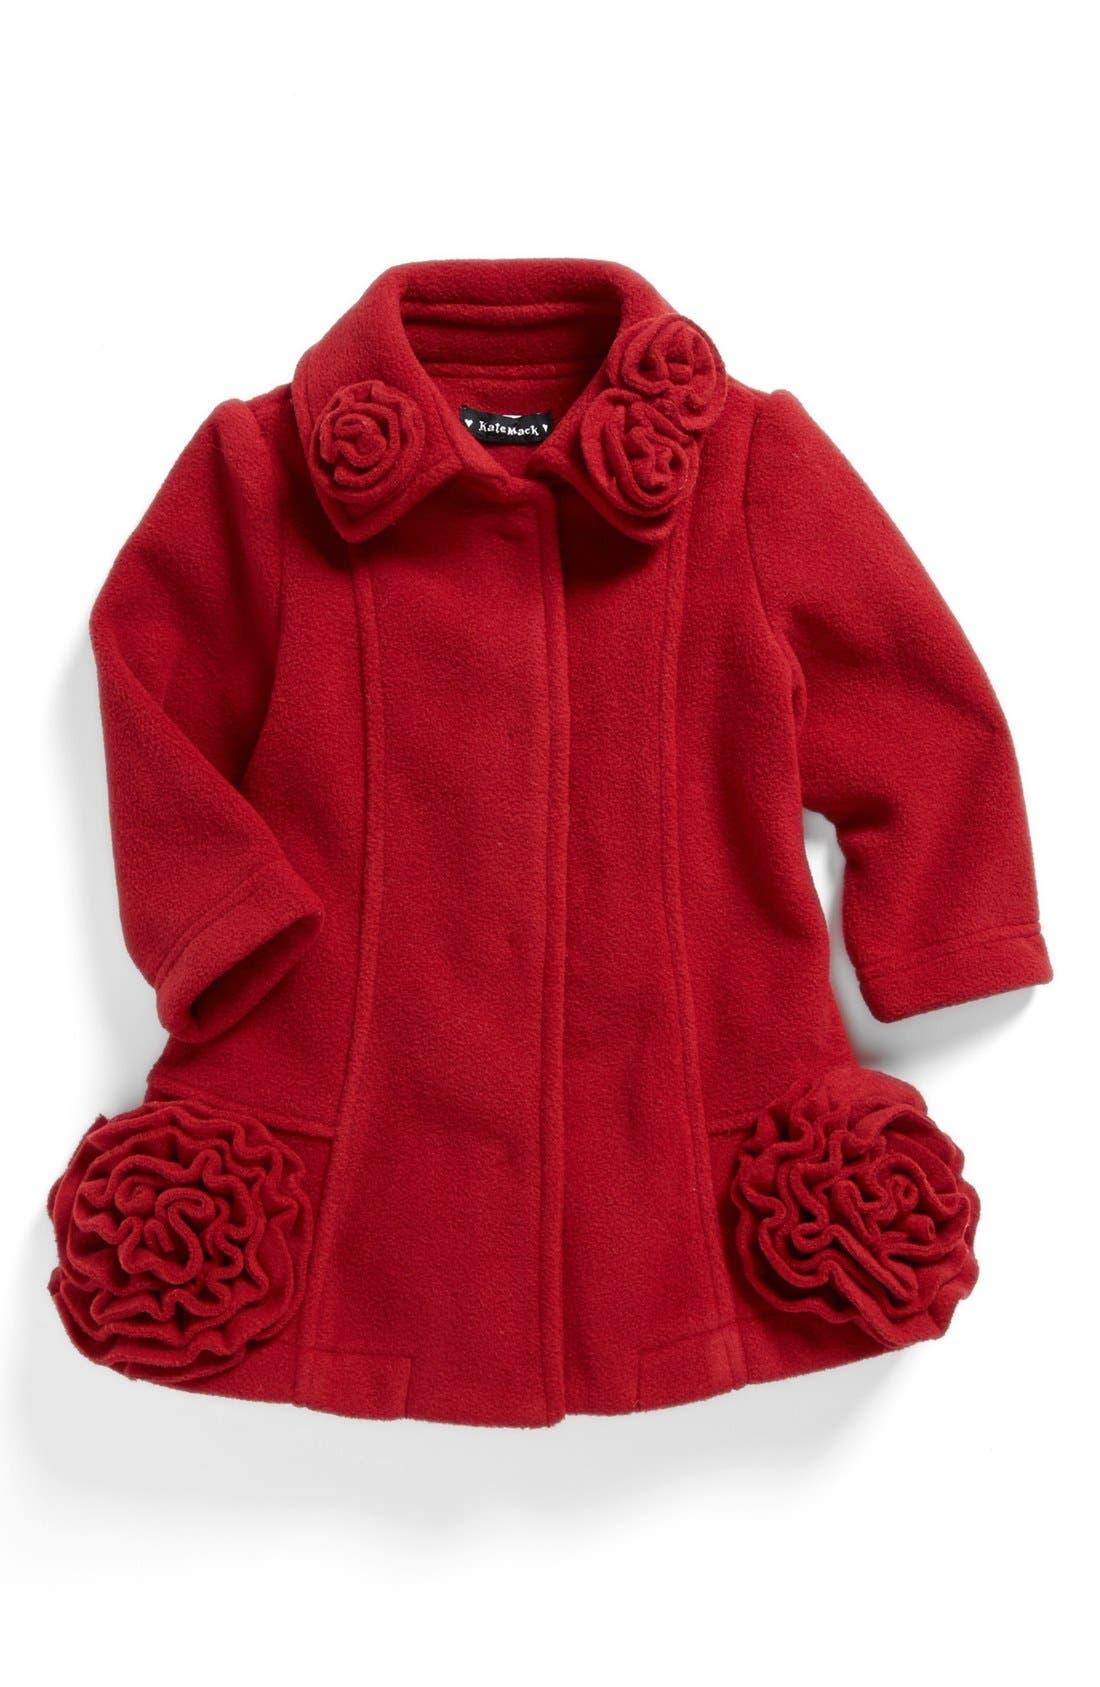 Alternate Image 1 Selected - Biscotti Fleece Coat (Baby Girls)